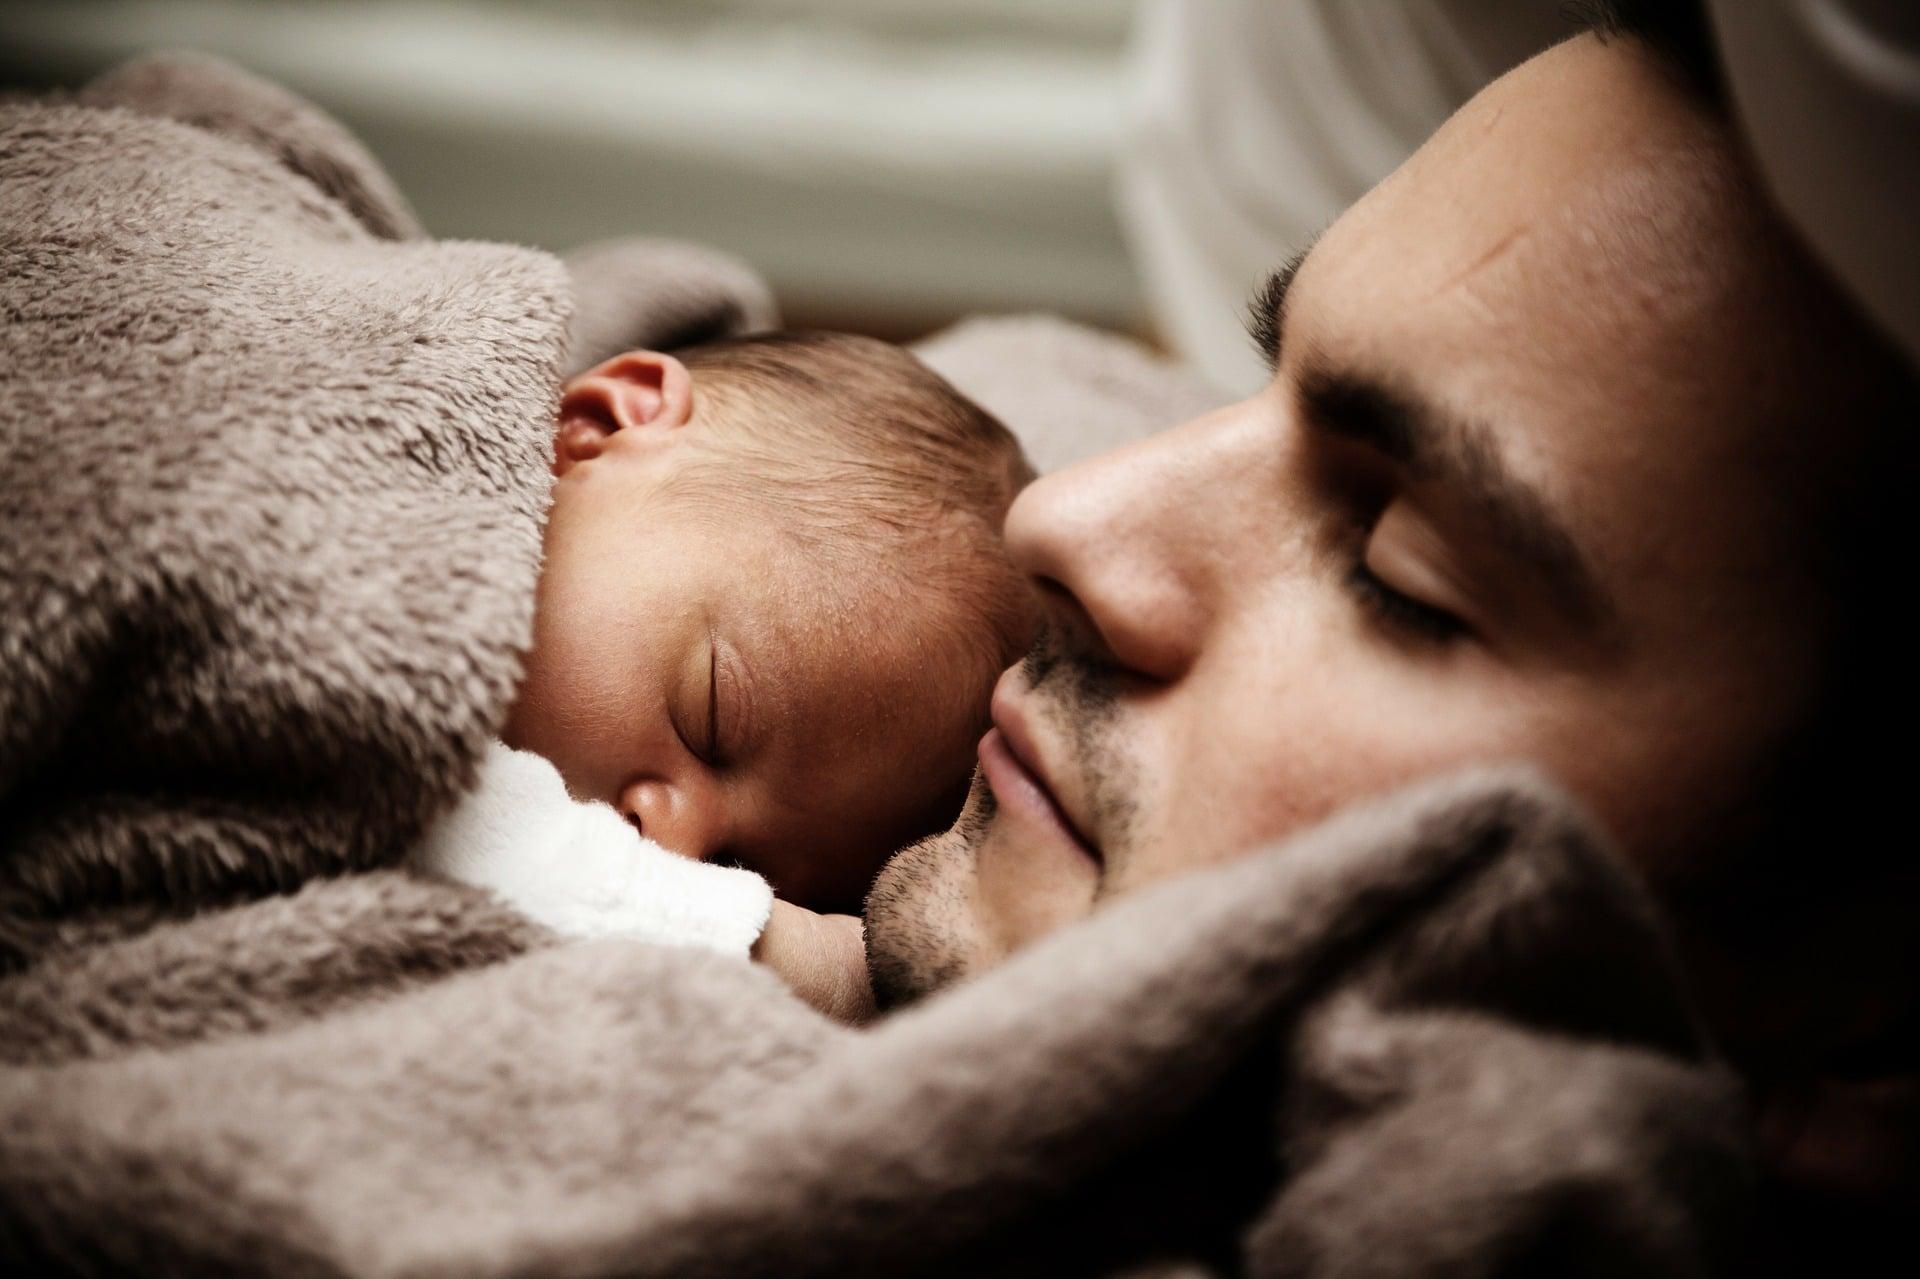 Woche für das Leben, Baby, Vater,